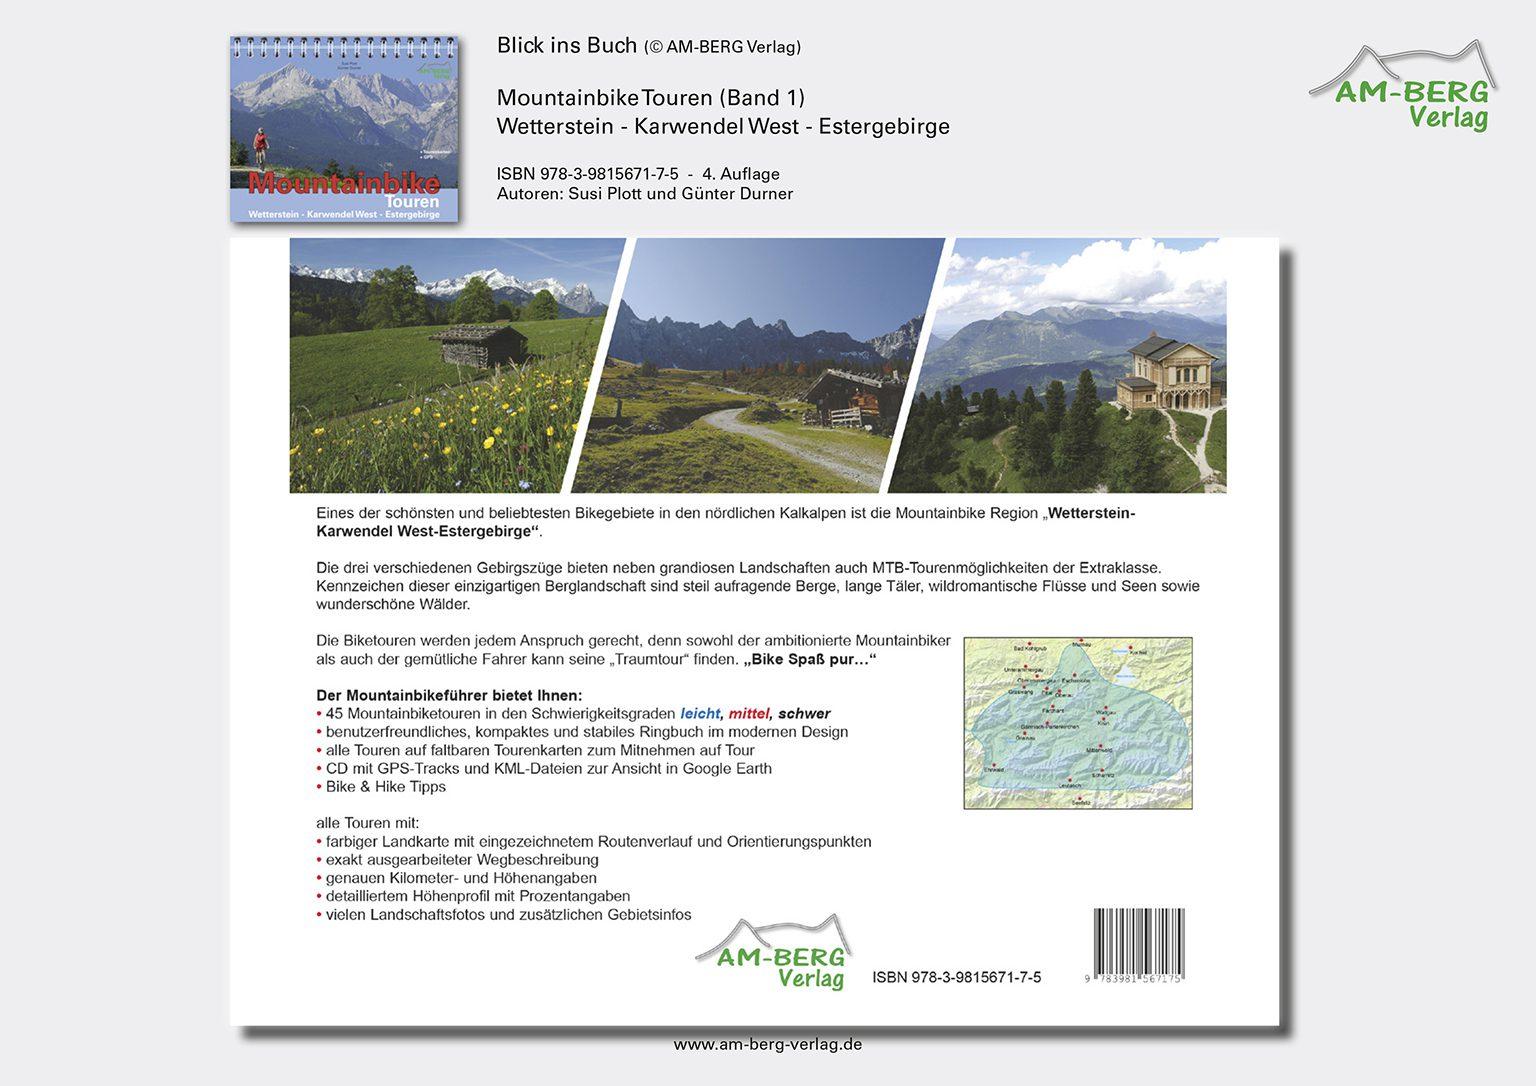 Mountainbike Touren Wetterstein-Karwendel-West-Estergebirge_band1_Rückseite Buch